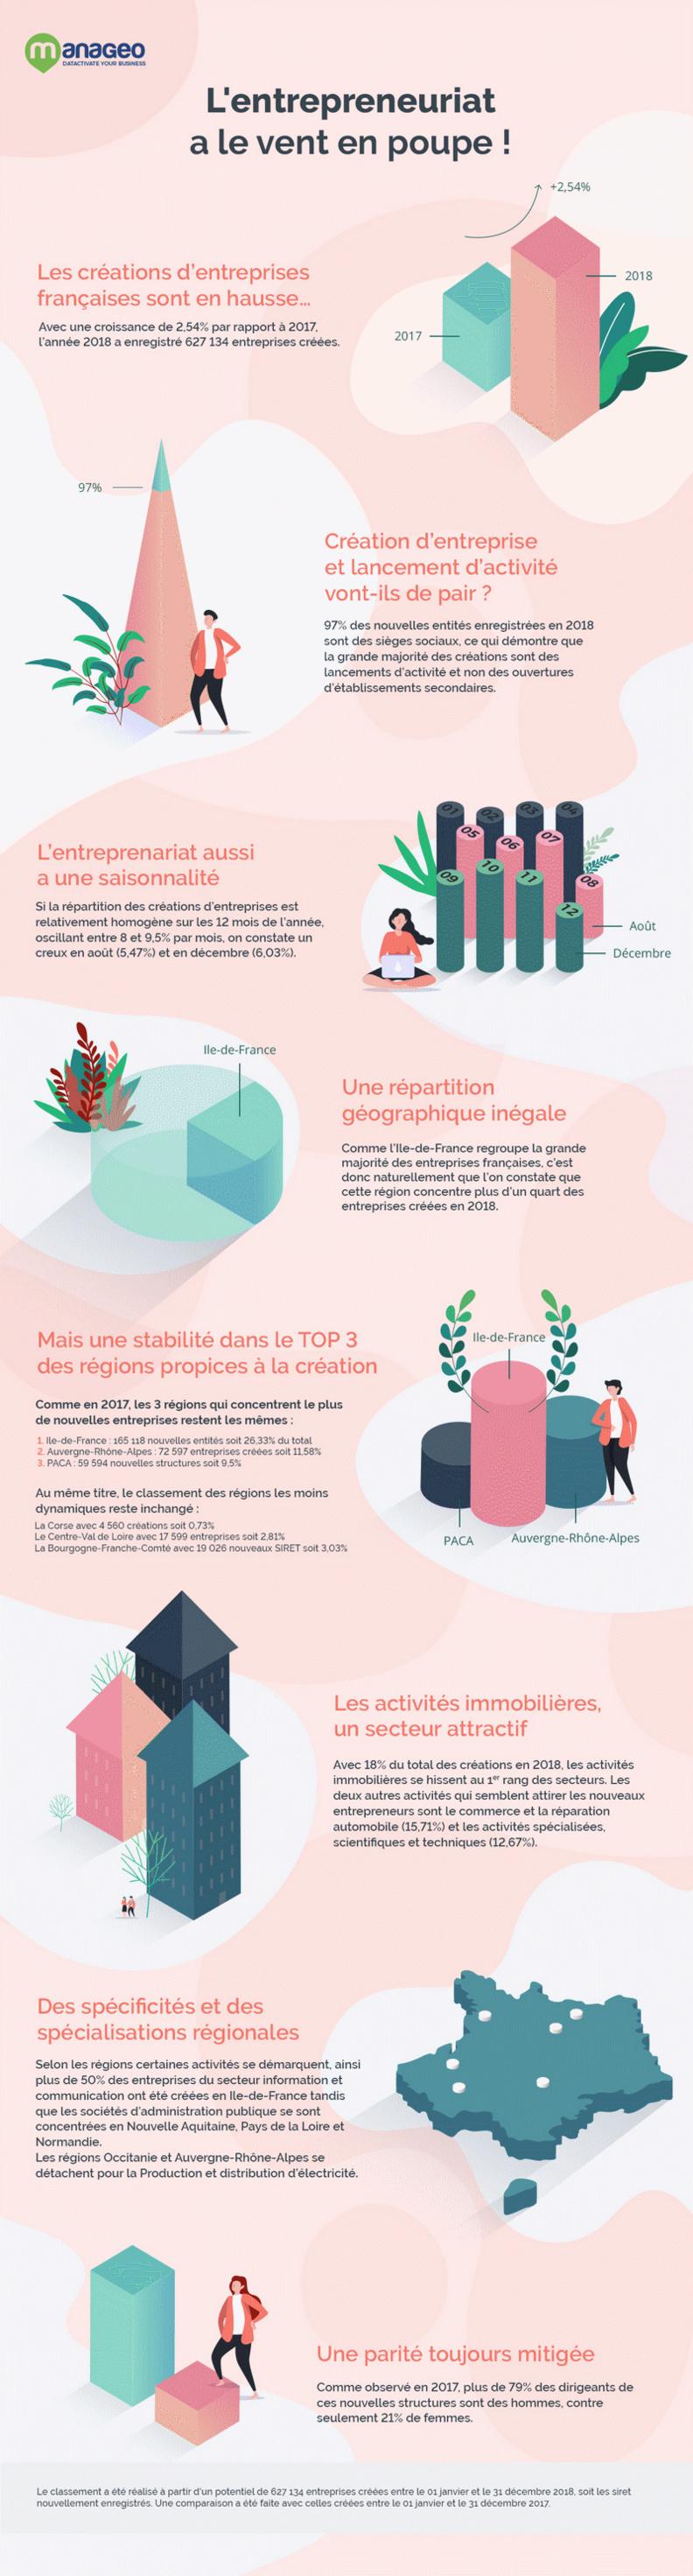 Le nombre d'entreprises créées en France a augmenté de 2,54% en 2018 !